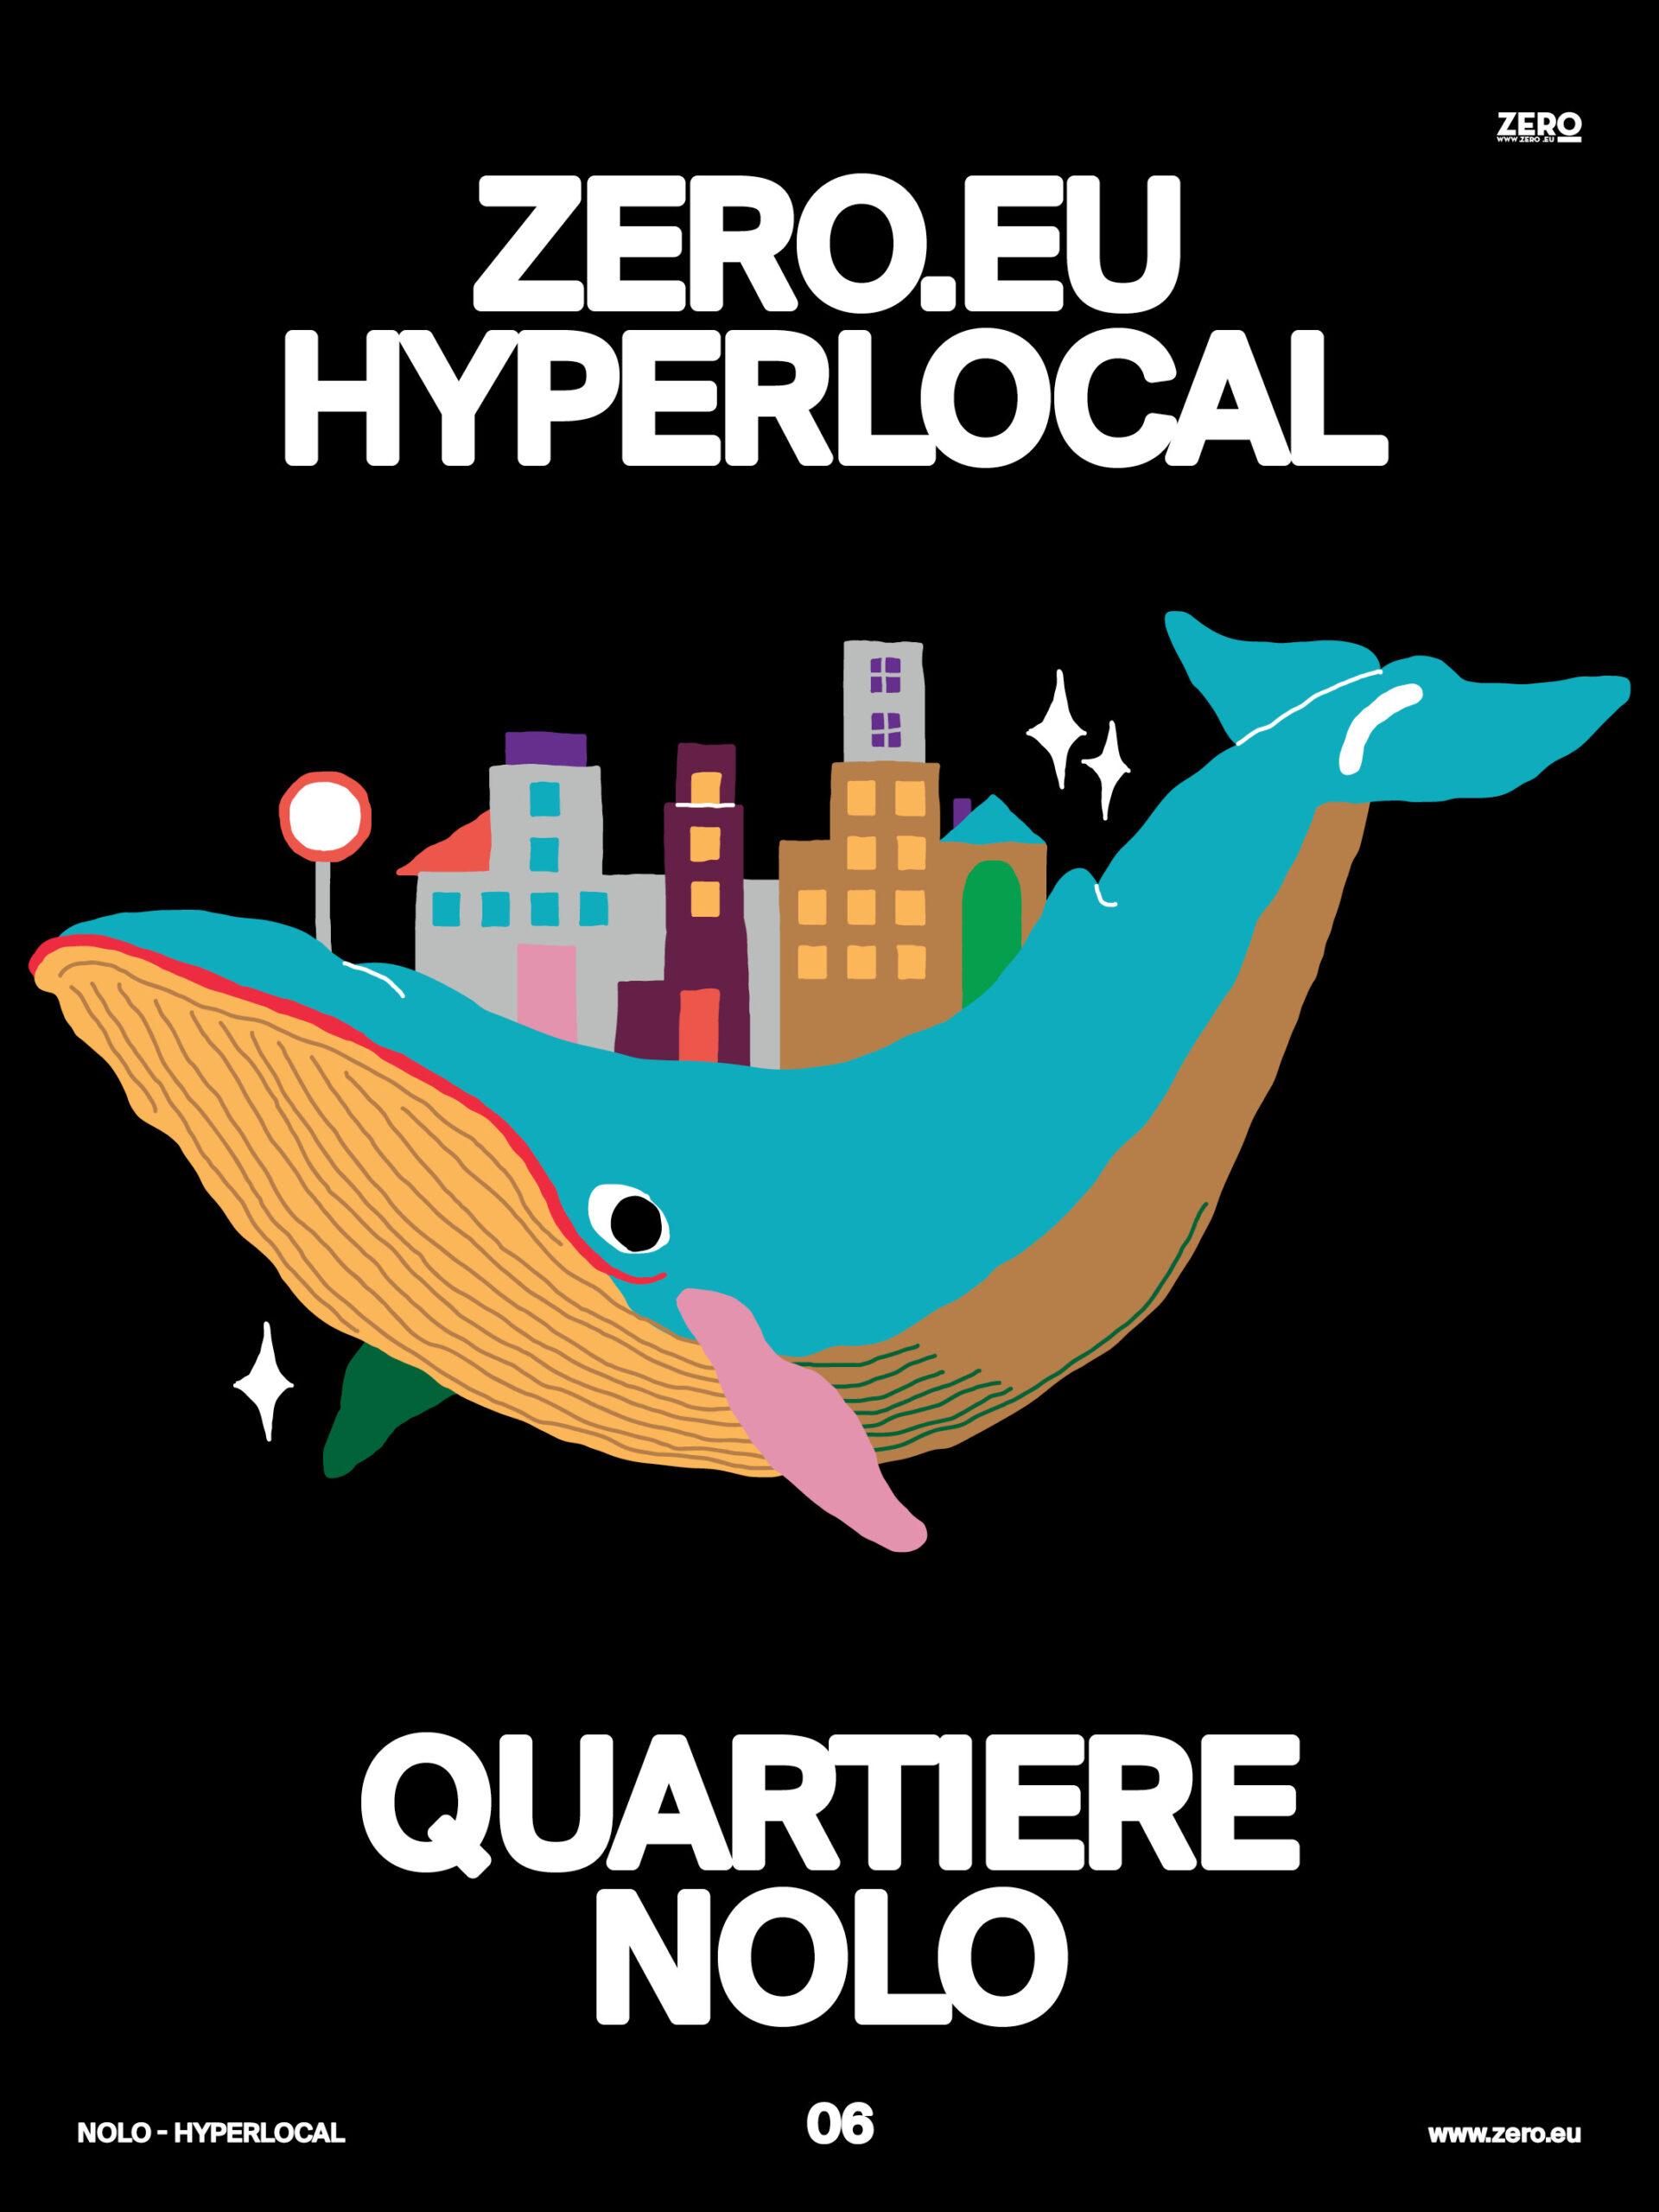 ZERO Hyperlocal, NoLo, Milano